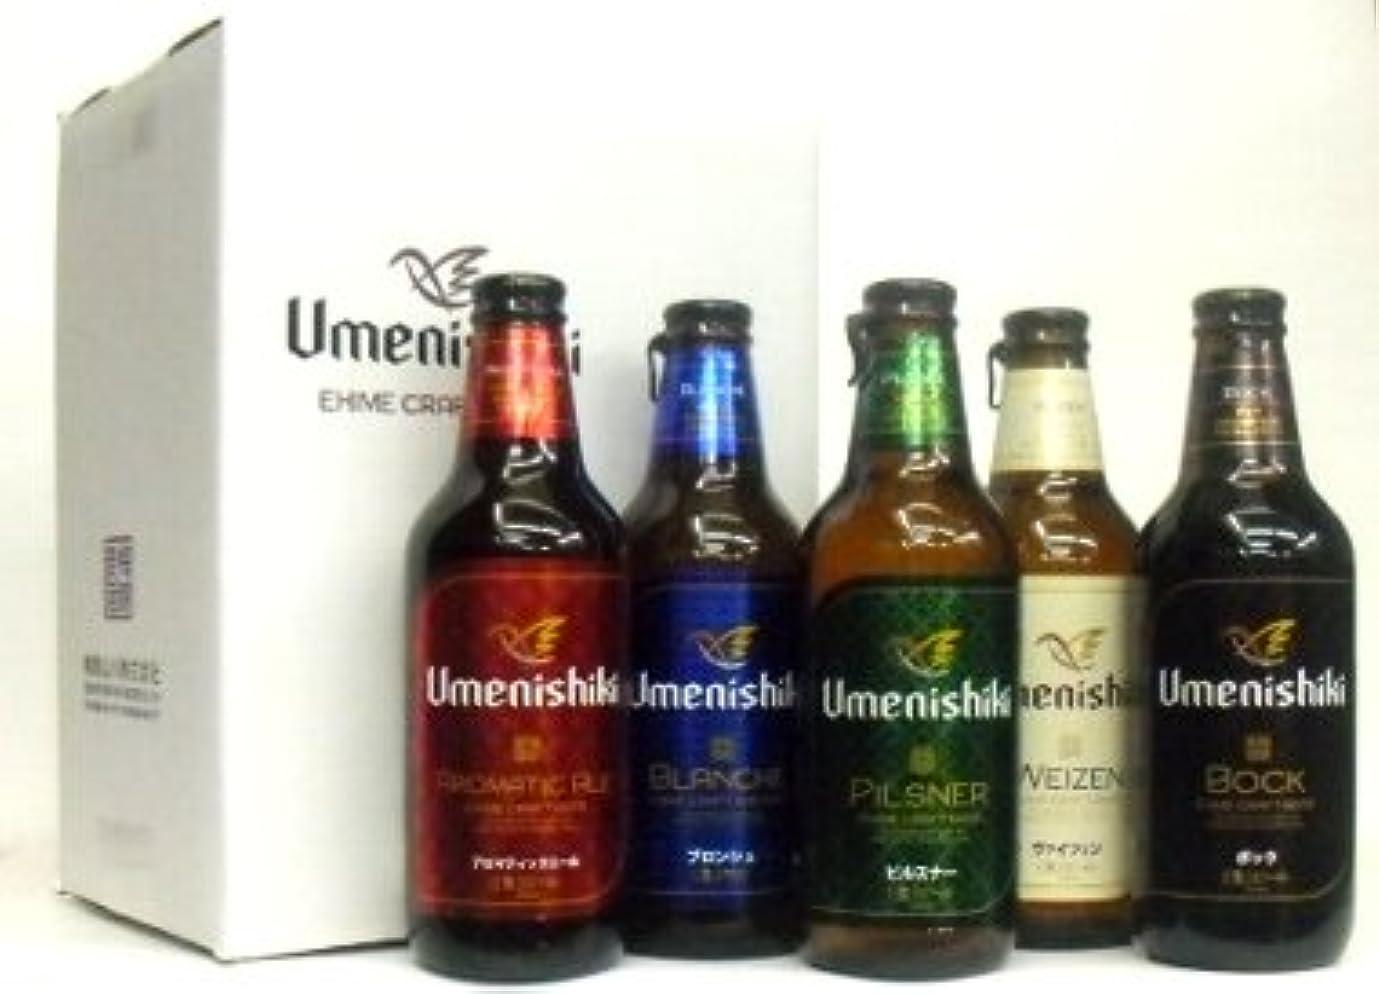 支援農奴意識梅錦ビール 5種6本セット UB_Craft6/ 愛媛県 地ビール 飲み比べセット